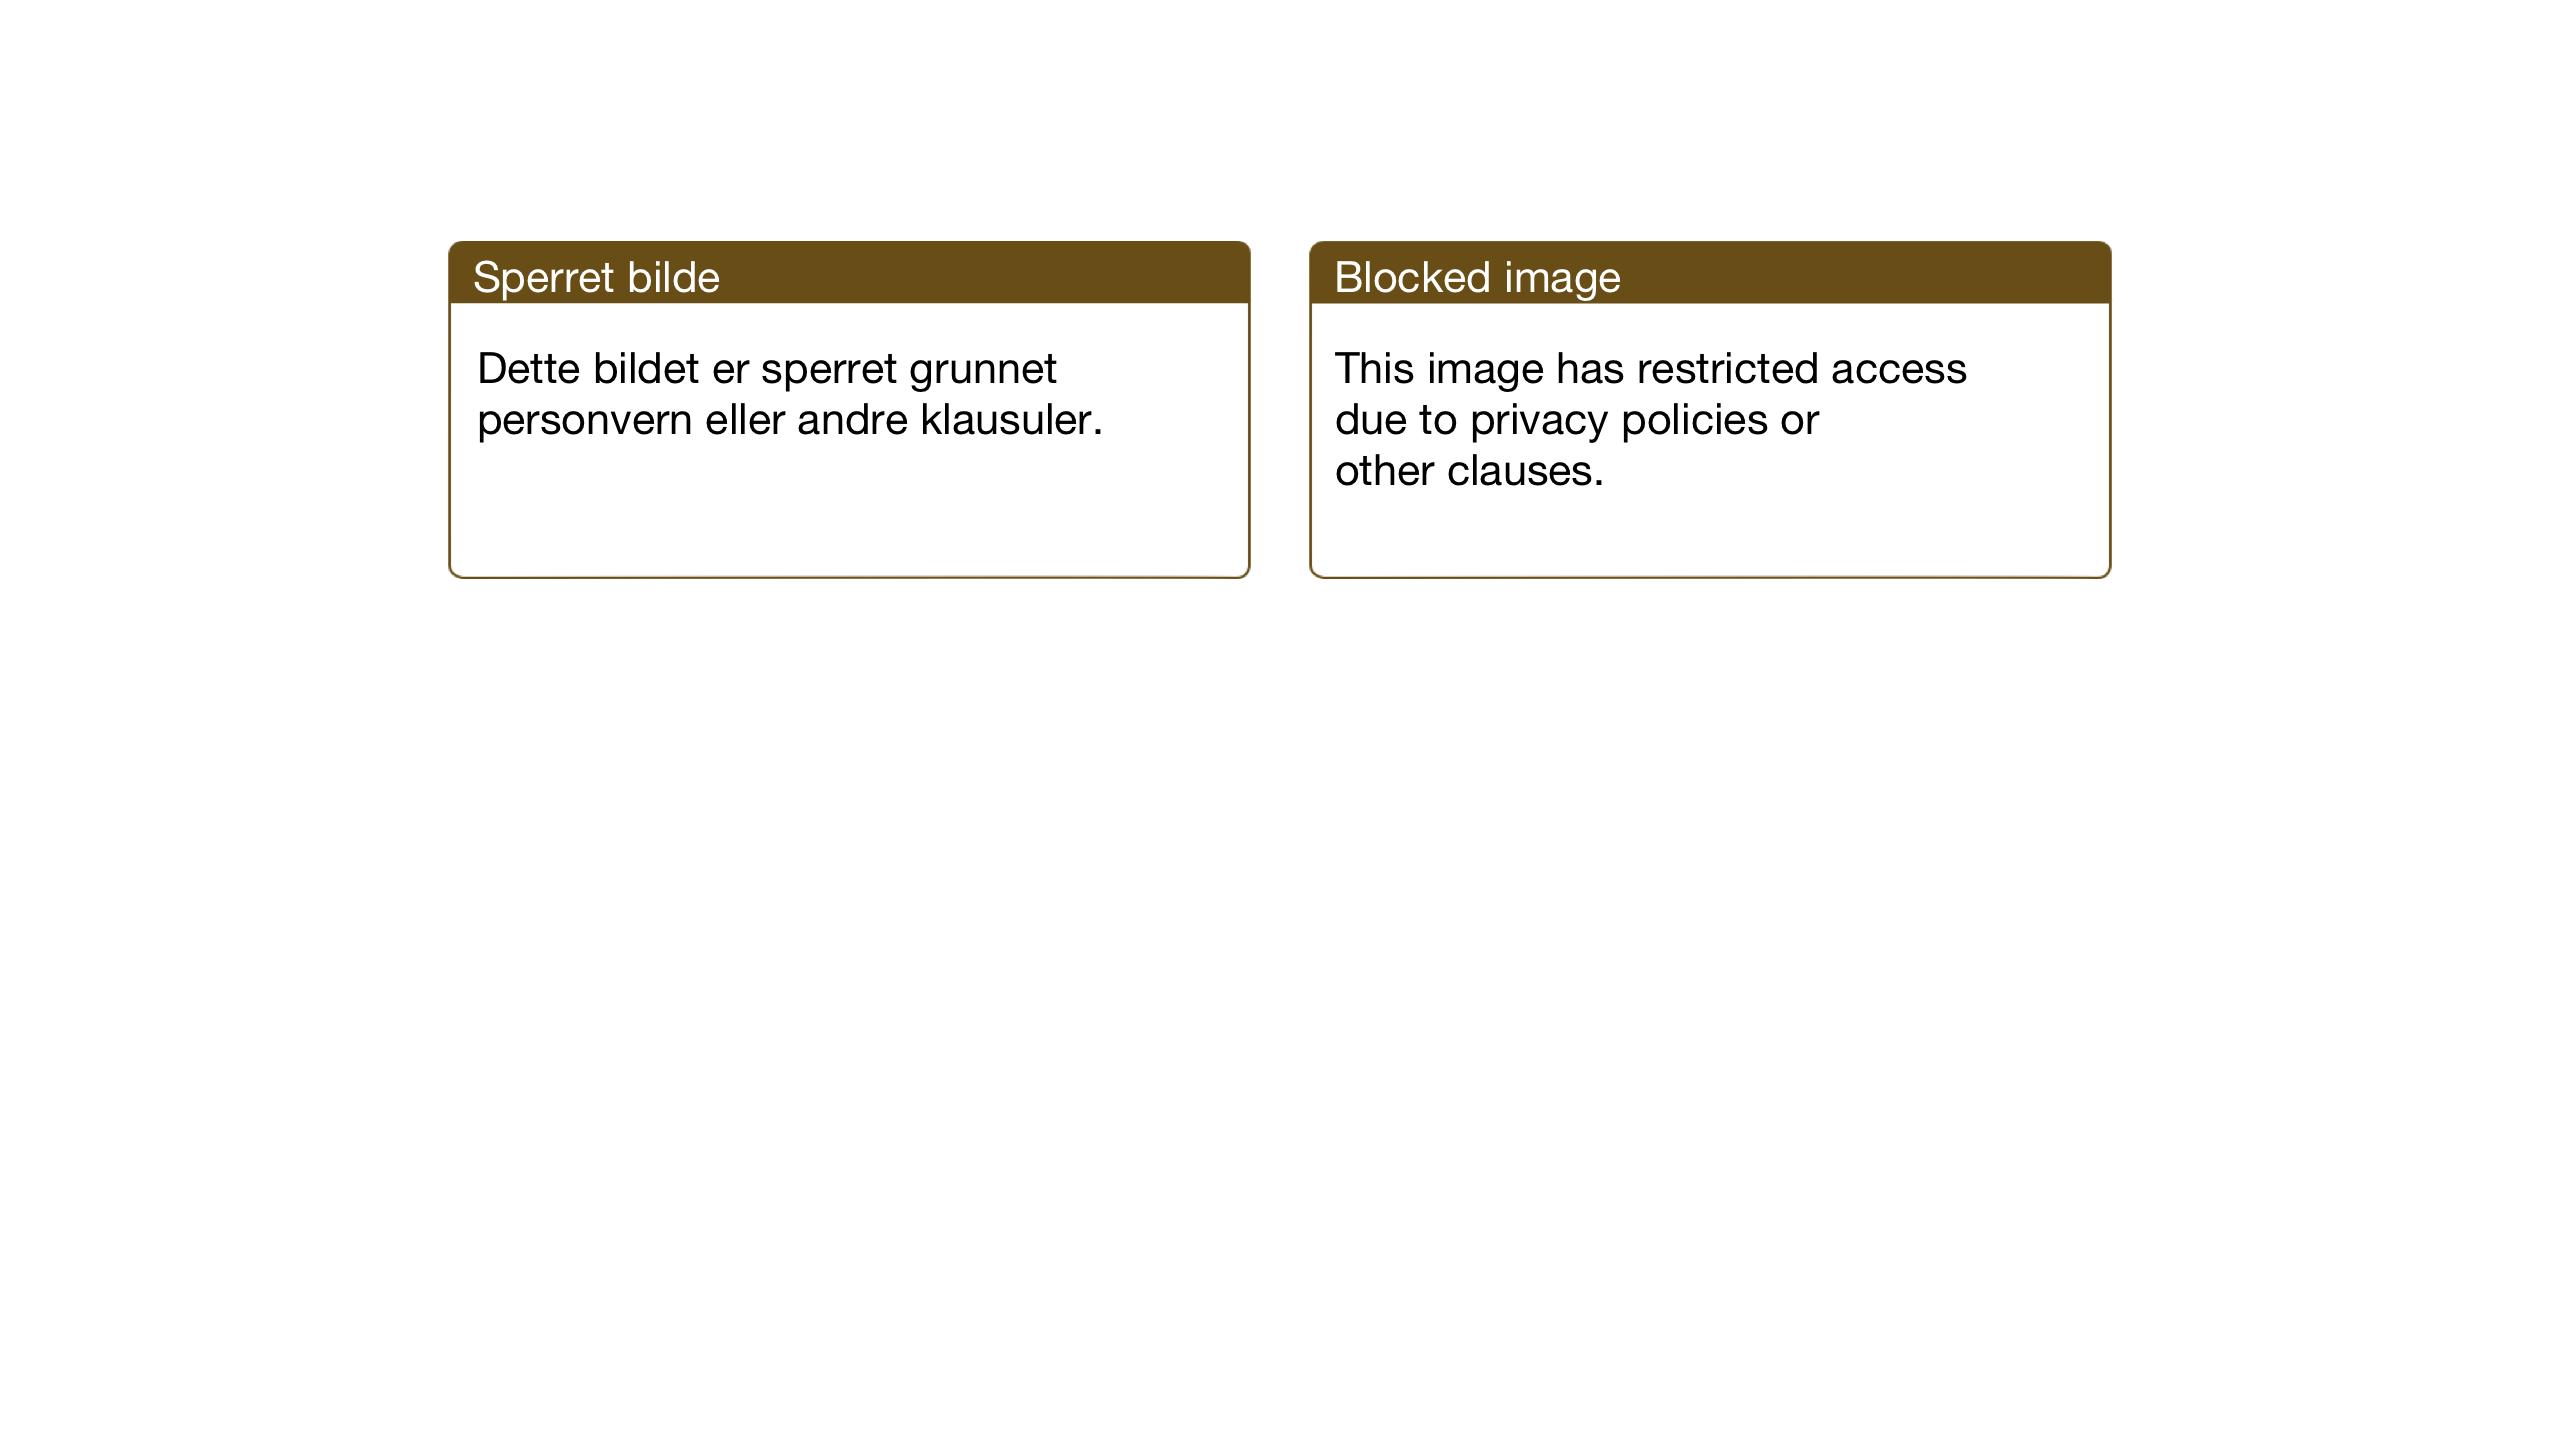 SAT, Ministerialprotokoller, klokkerbøker og fødselsregistre - Nord-Trøndelag, 755/L0500: Klokkerbok nr. 755C01, 1920-1962, s. 174